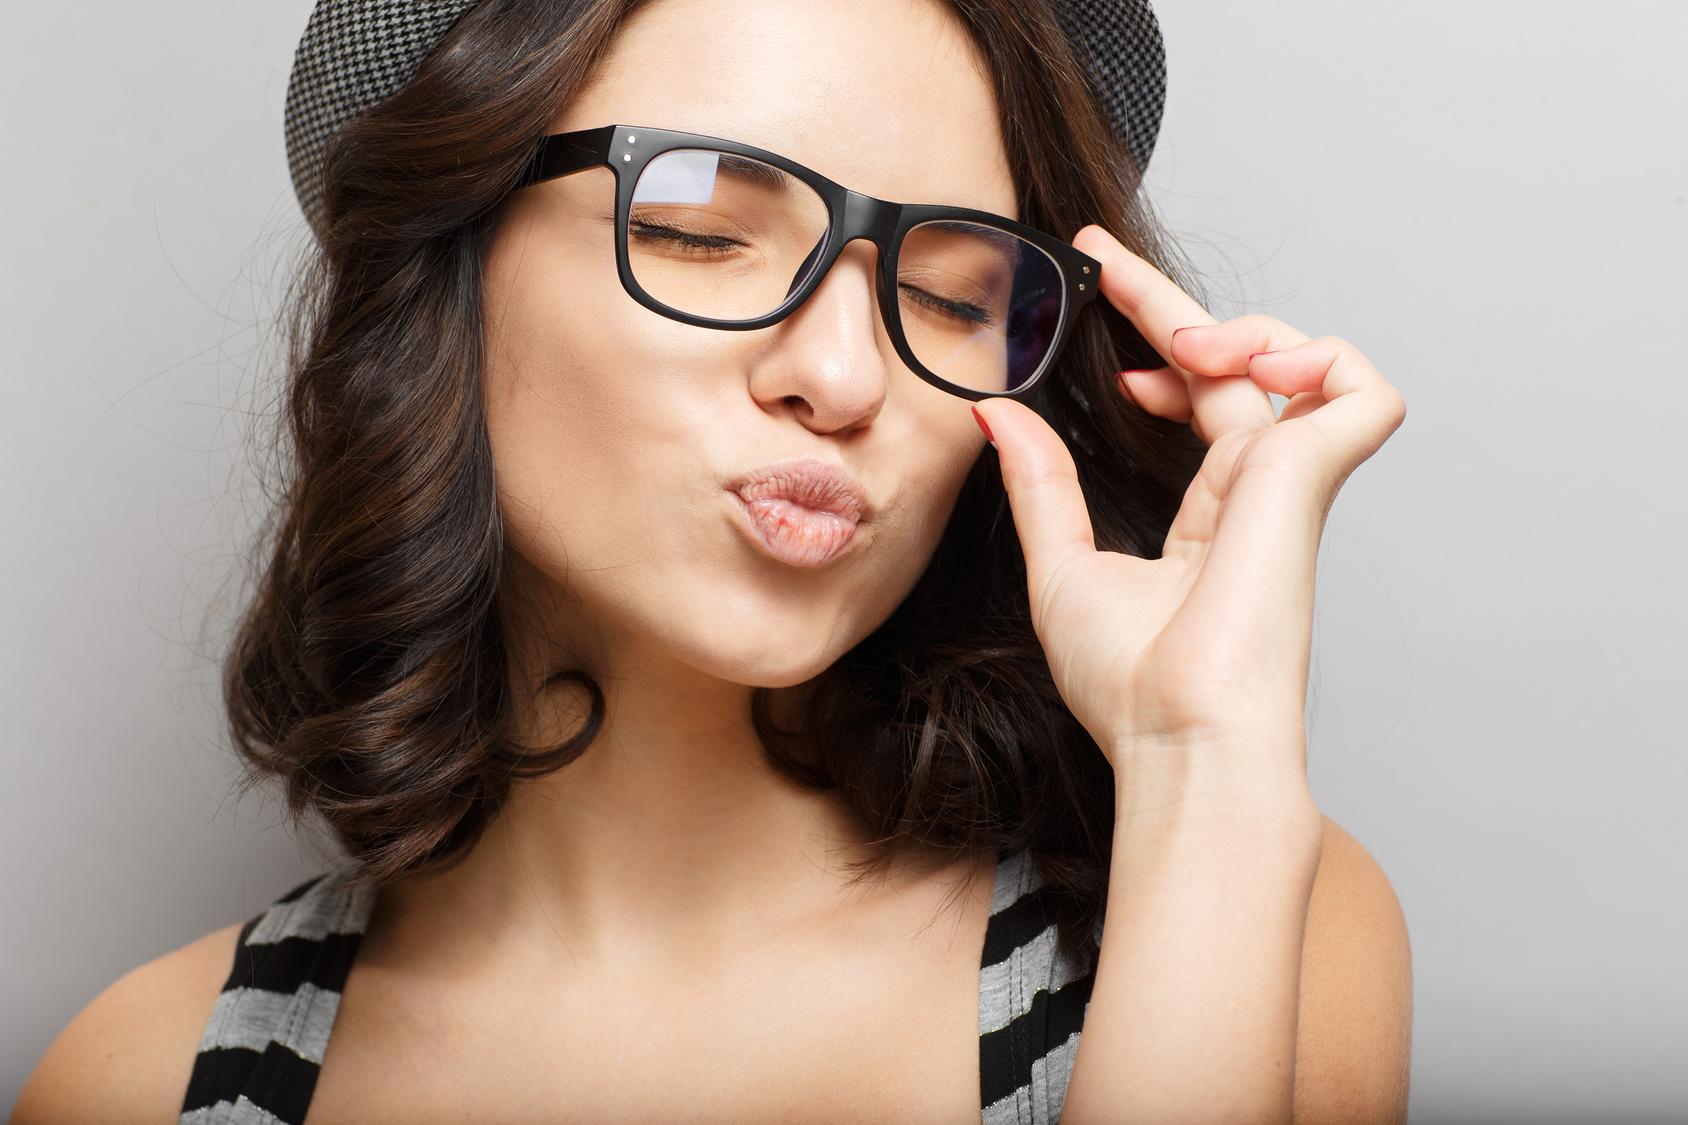 Schönes attraktives Mädchen in einem Hut und Brille.